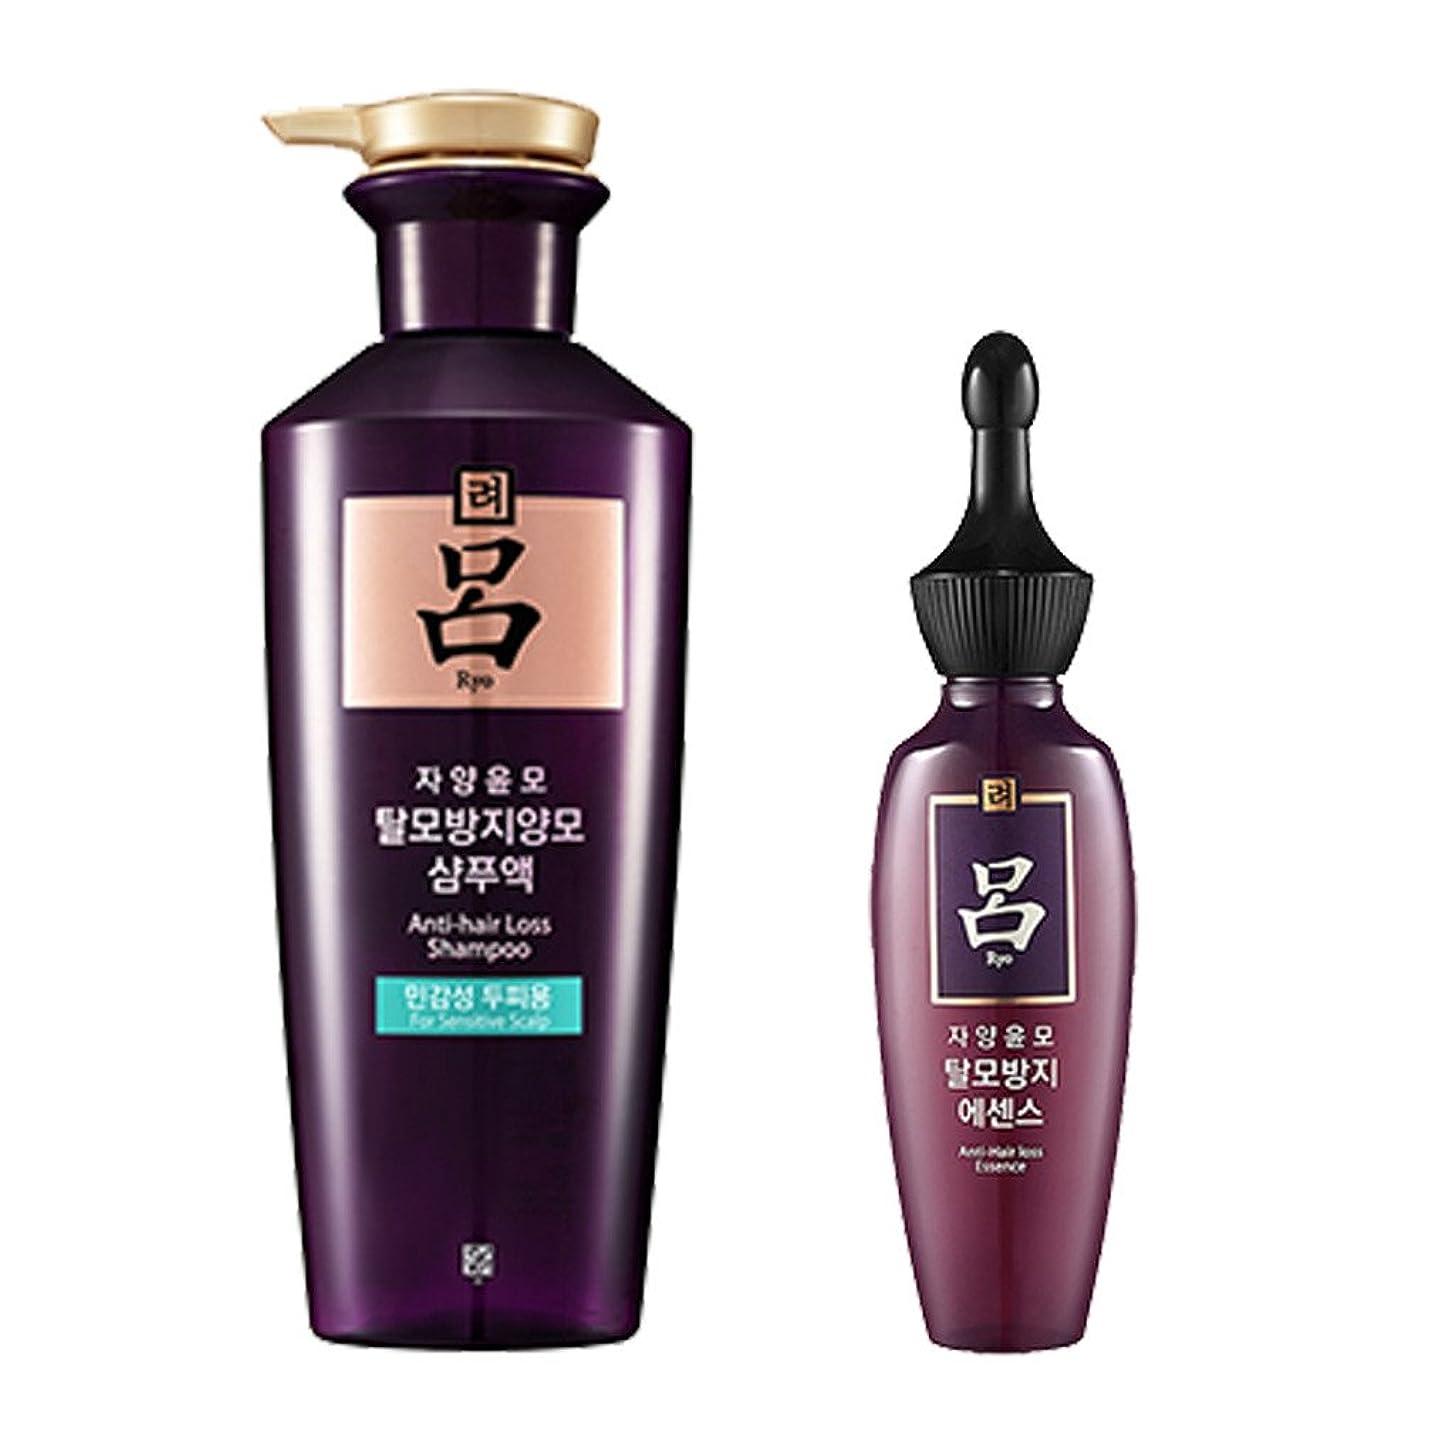 コンセンサス同化申請中呂(リョ) 滋養潤毛 シャンプー(敏感頭皮用) 400ml+エッセンス 75ml